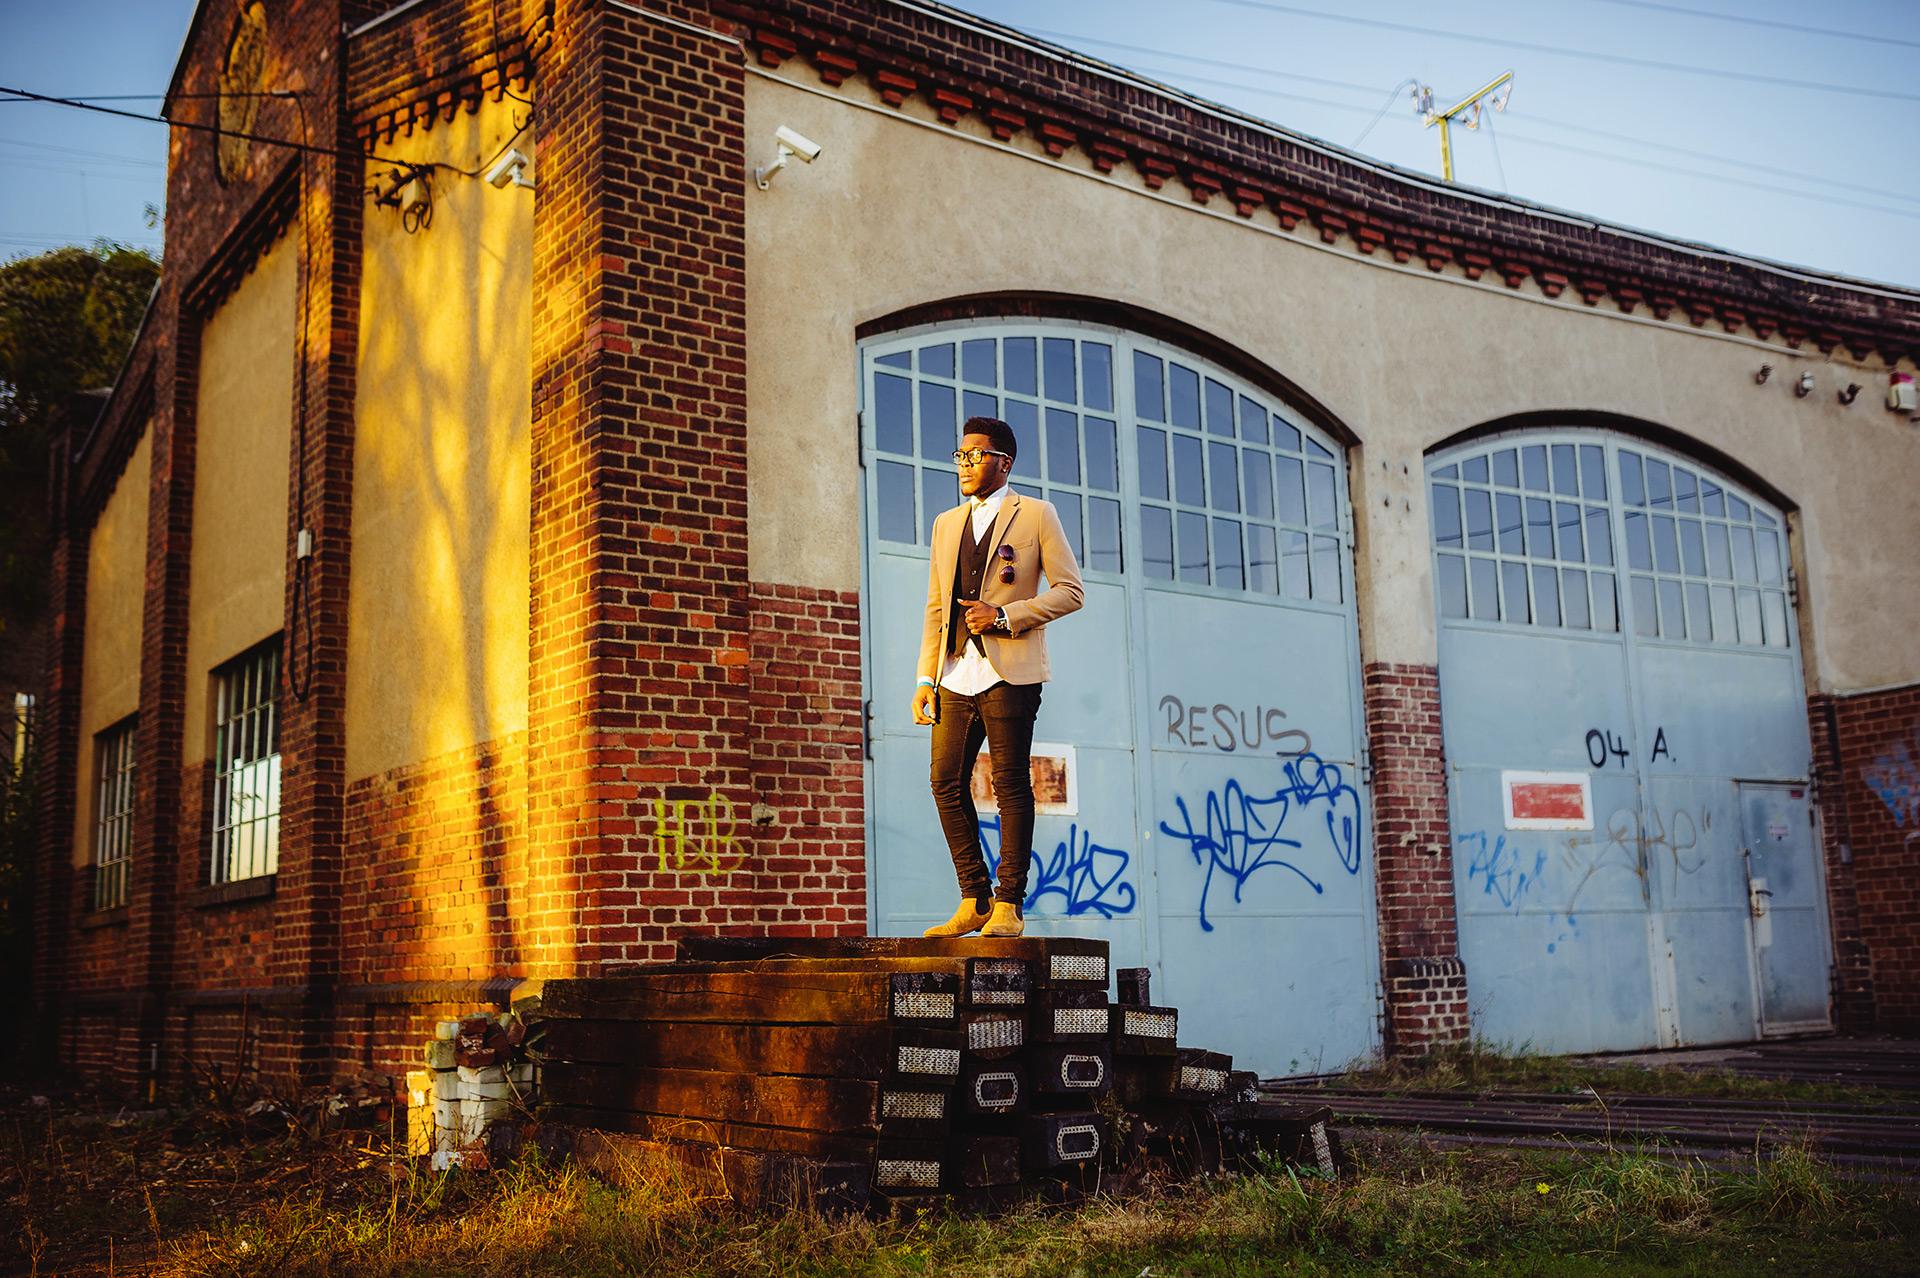 Billy im Ganzkörperportrait vor der Bahnwerkstatt